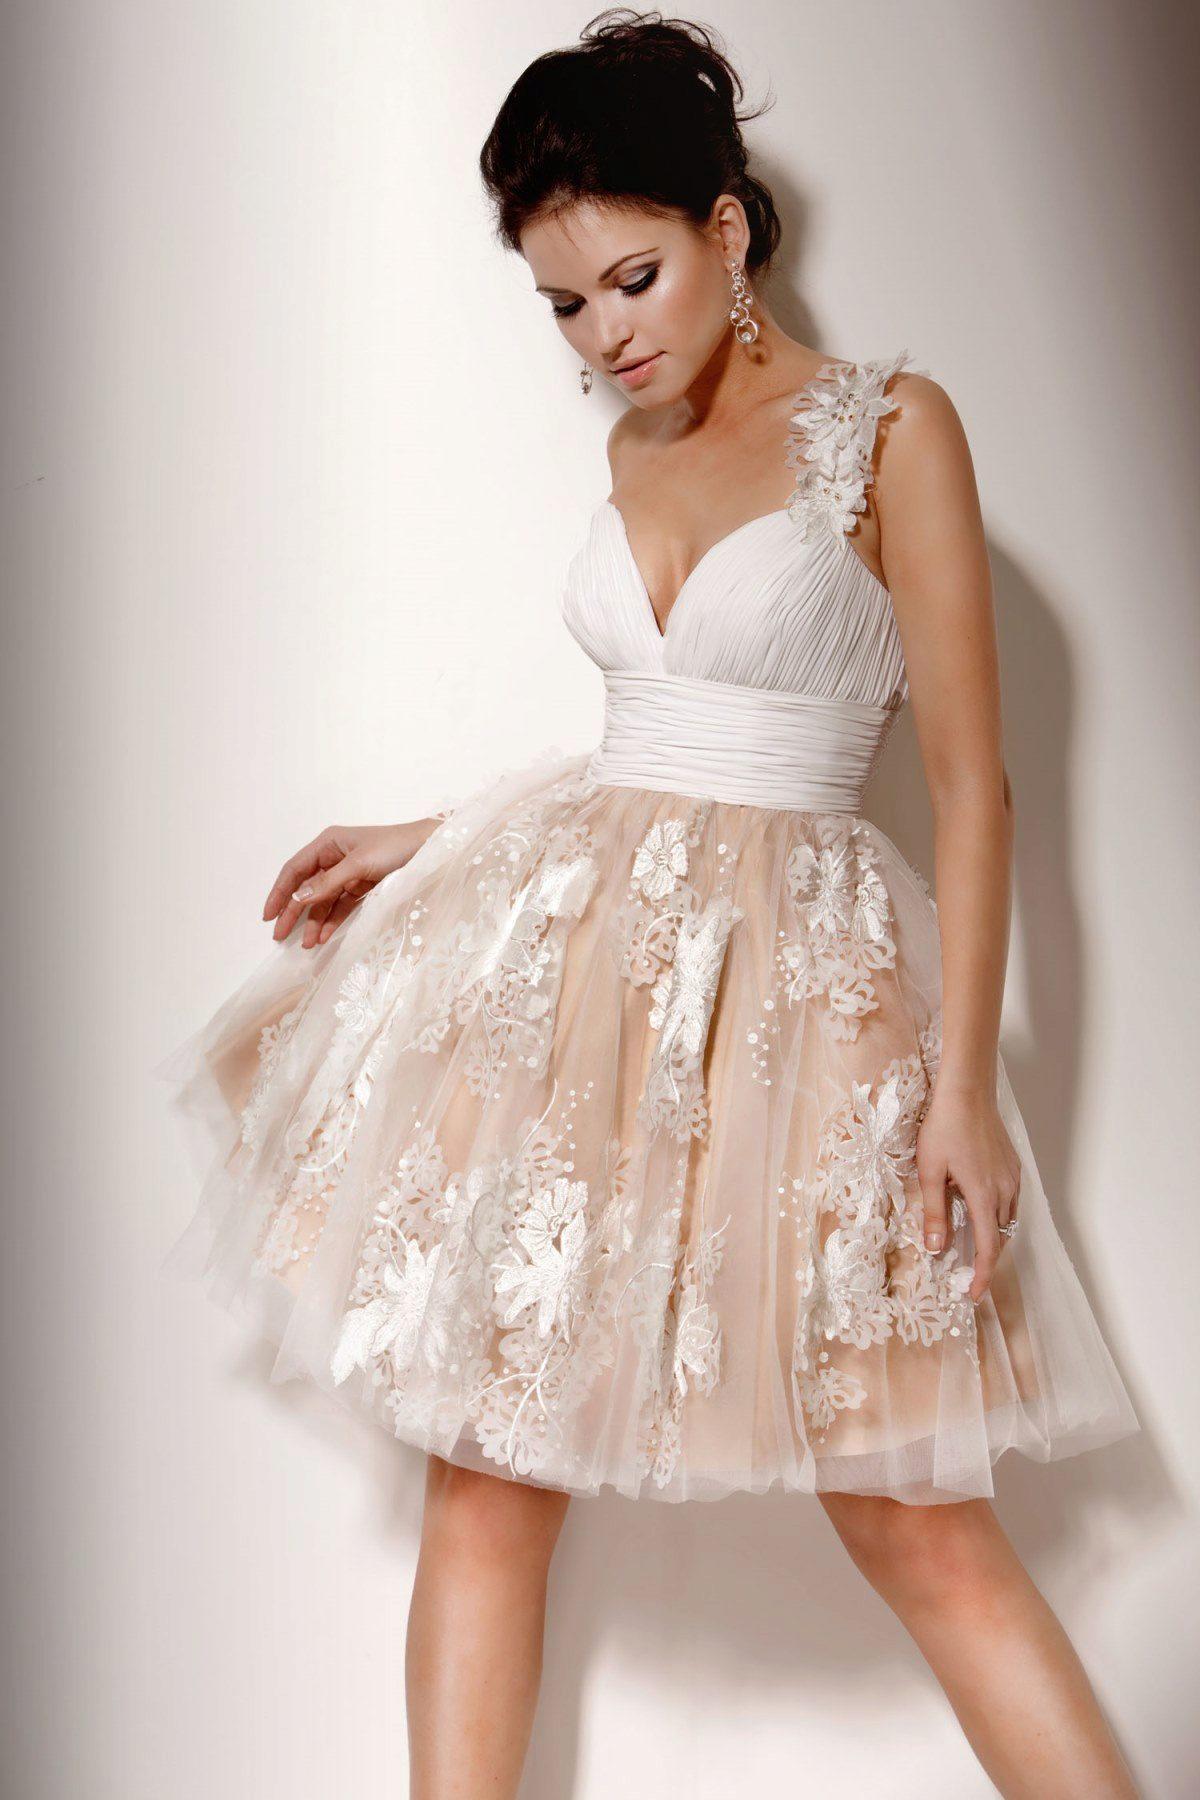 Атласные свадебные платья: пышные платья с атласной юбкой или